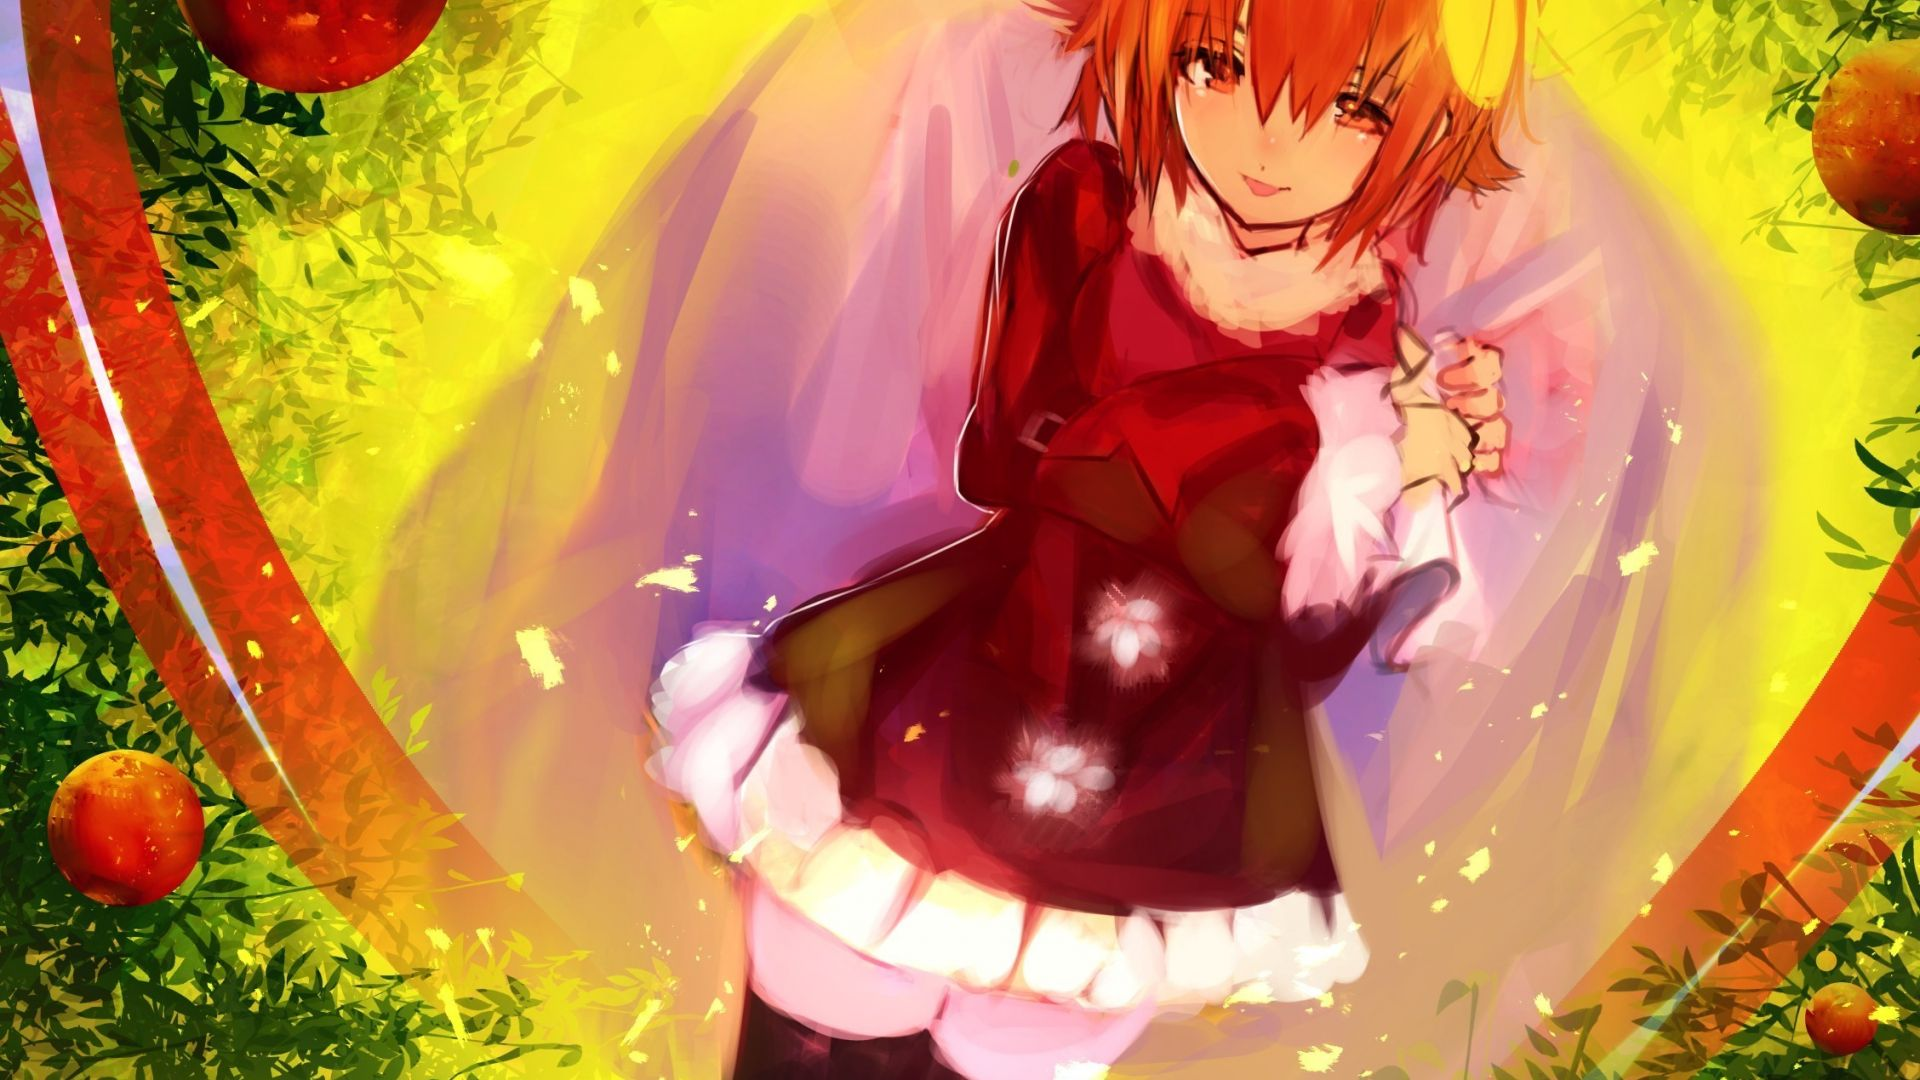 christmas anime girl art